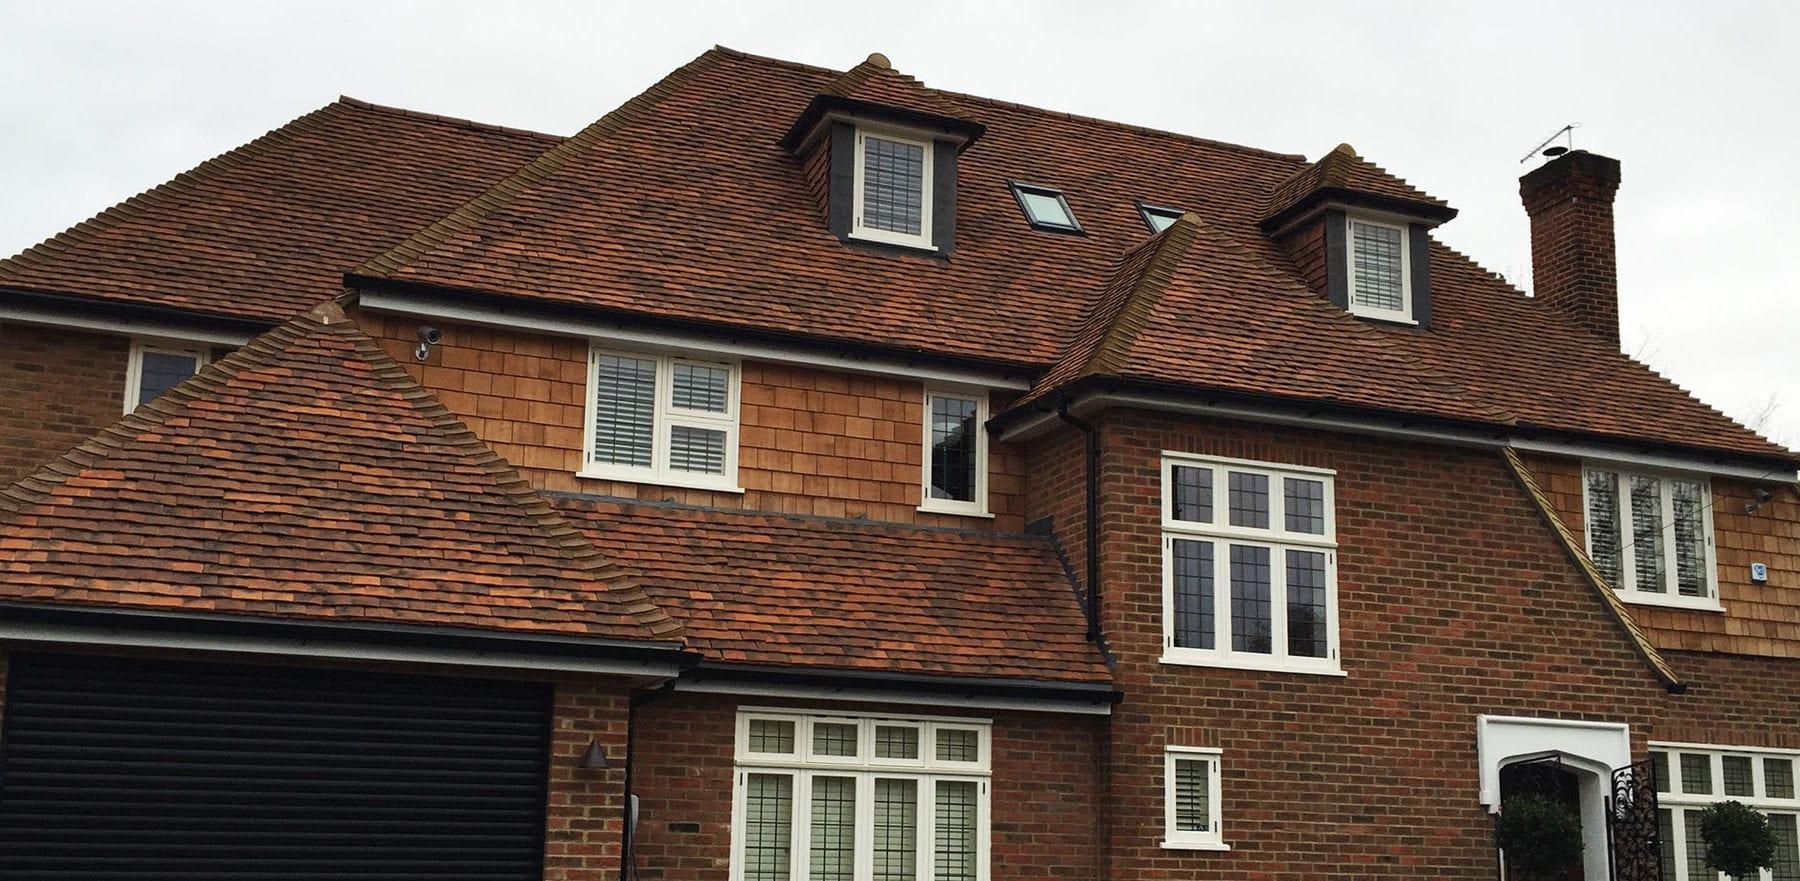 Lifestiles - Handmade Oakhurst Clay Roof Tiles - Hampton Hill, England 3